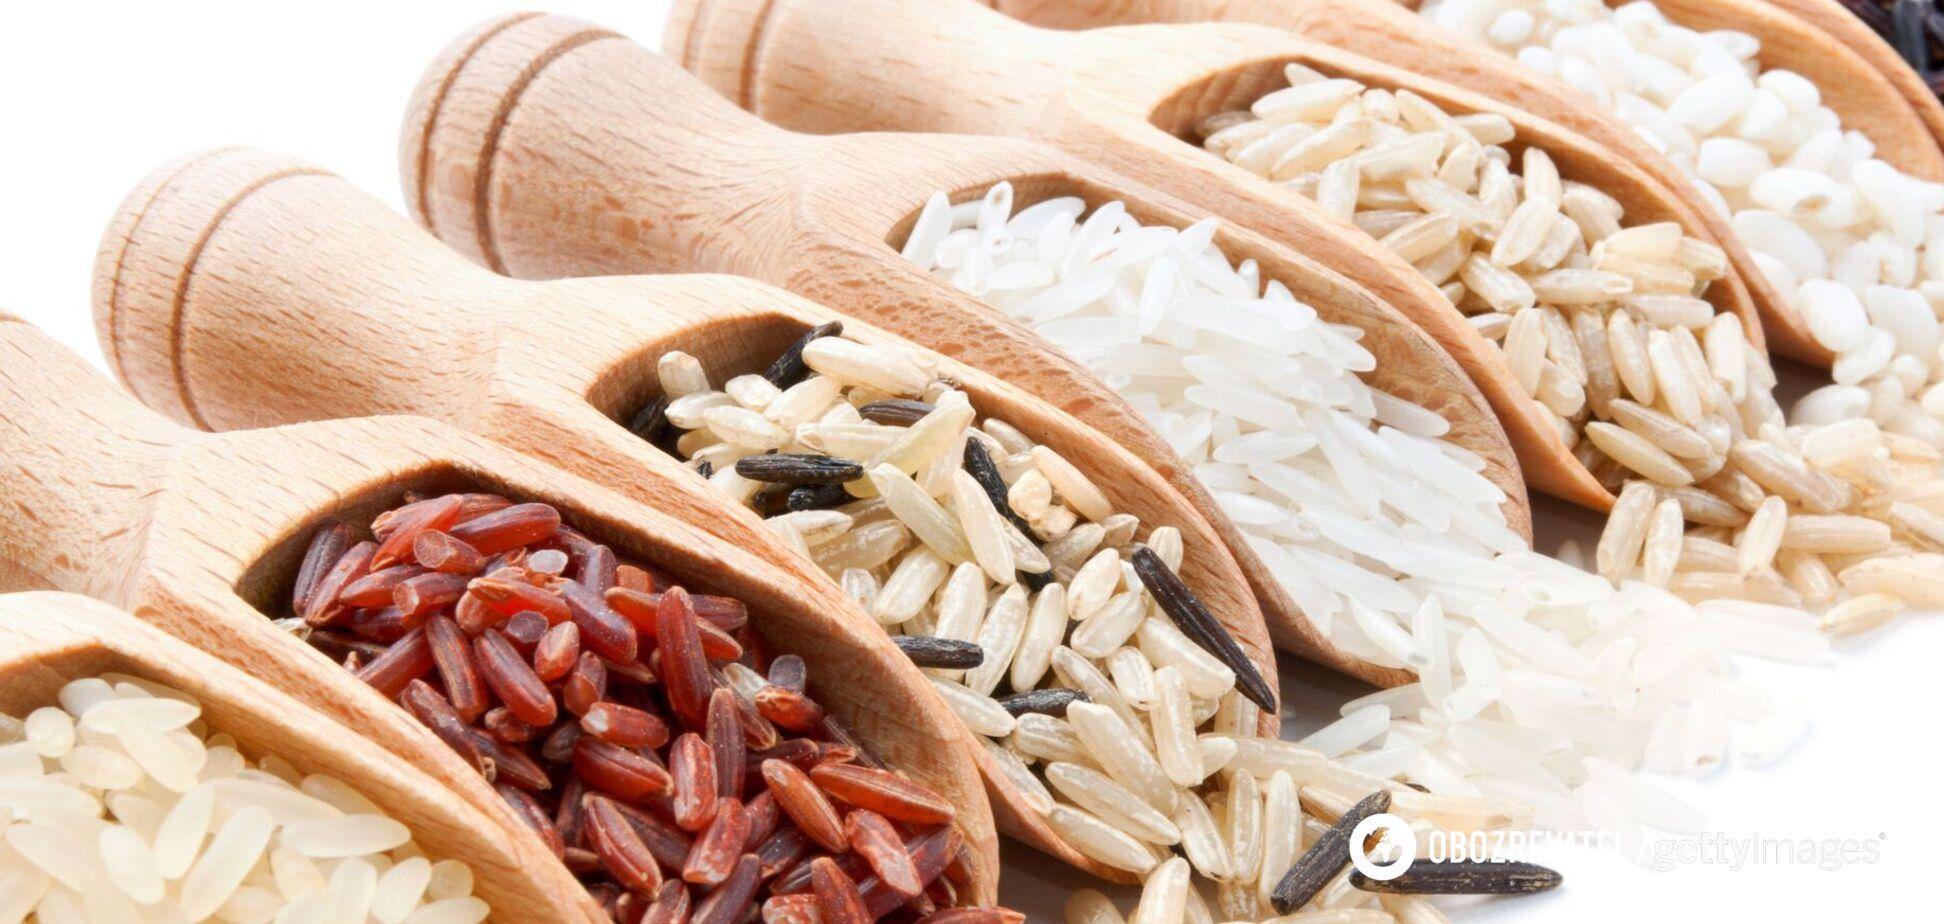 Червоний рис має інтенсивний солодкий смак